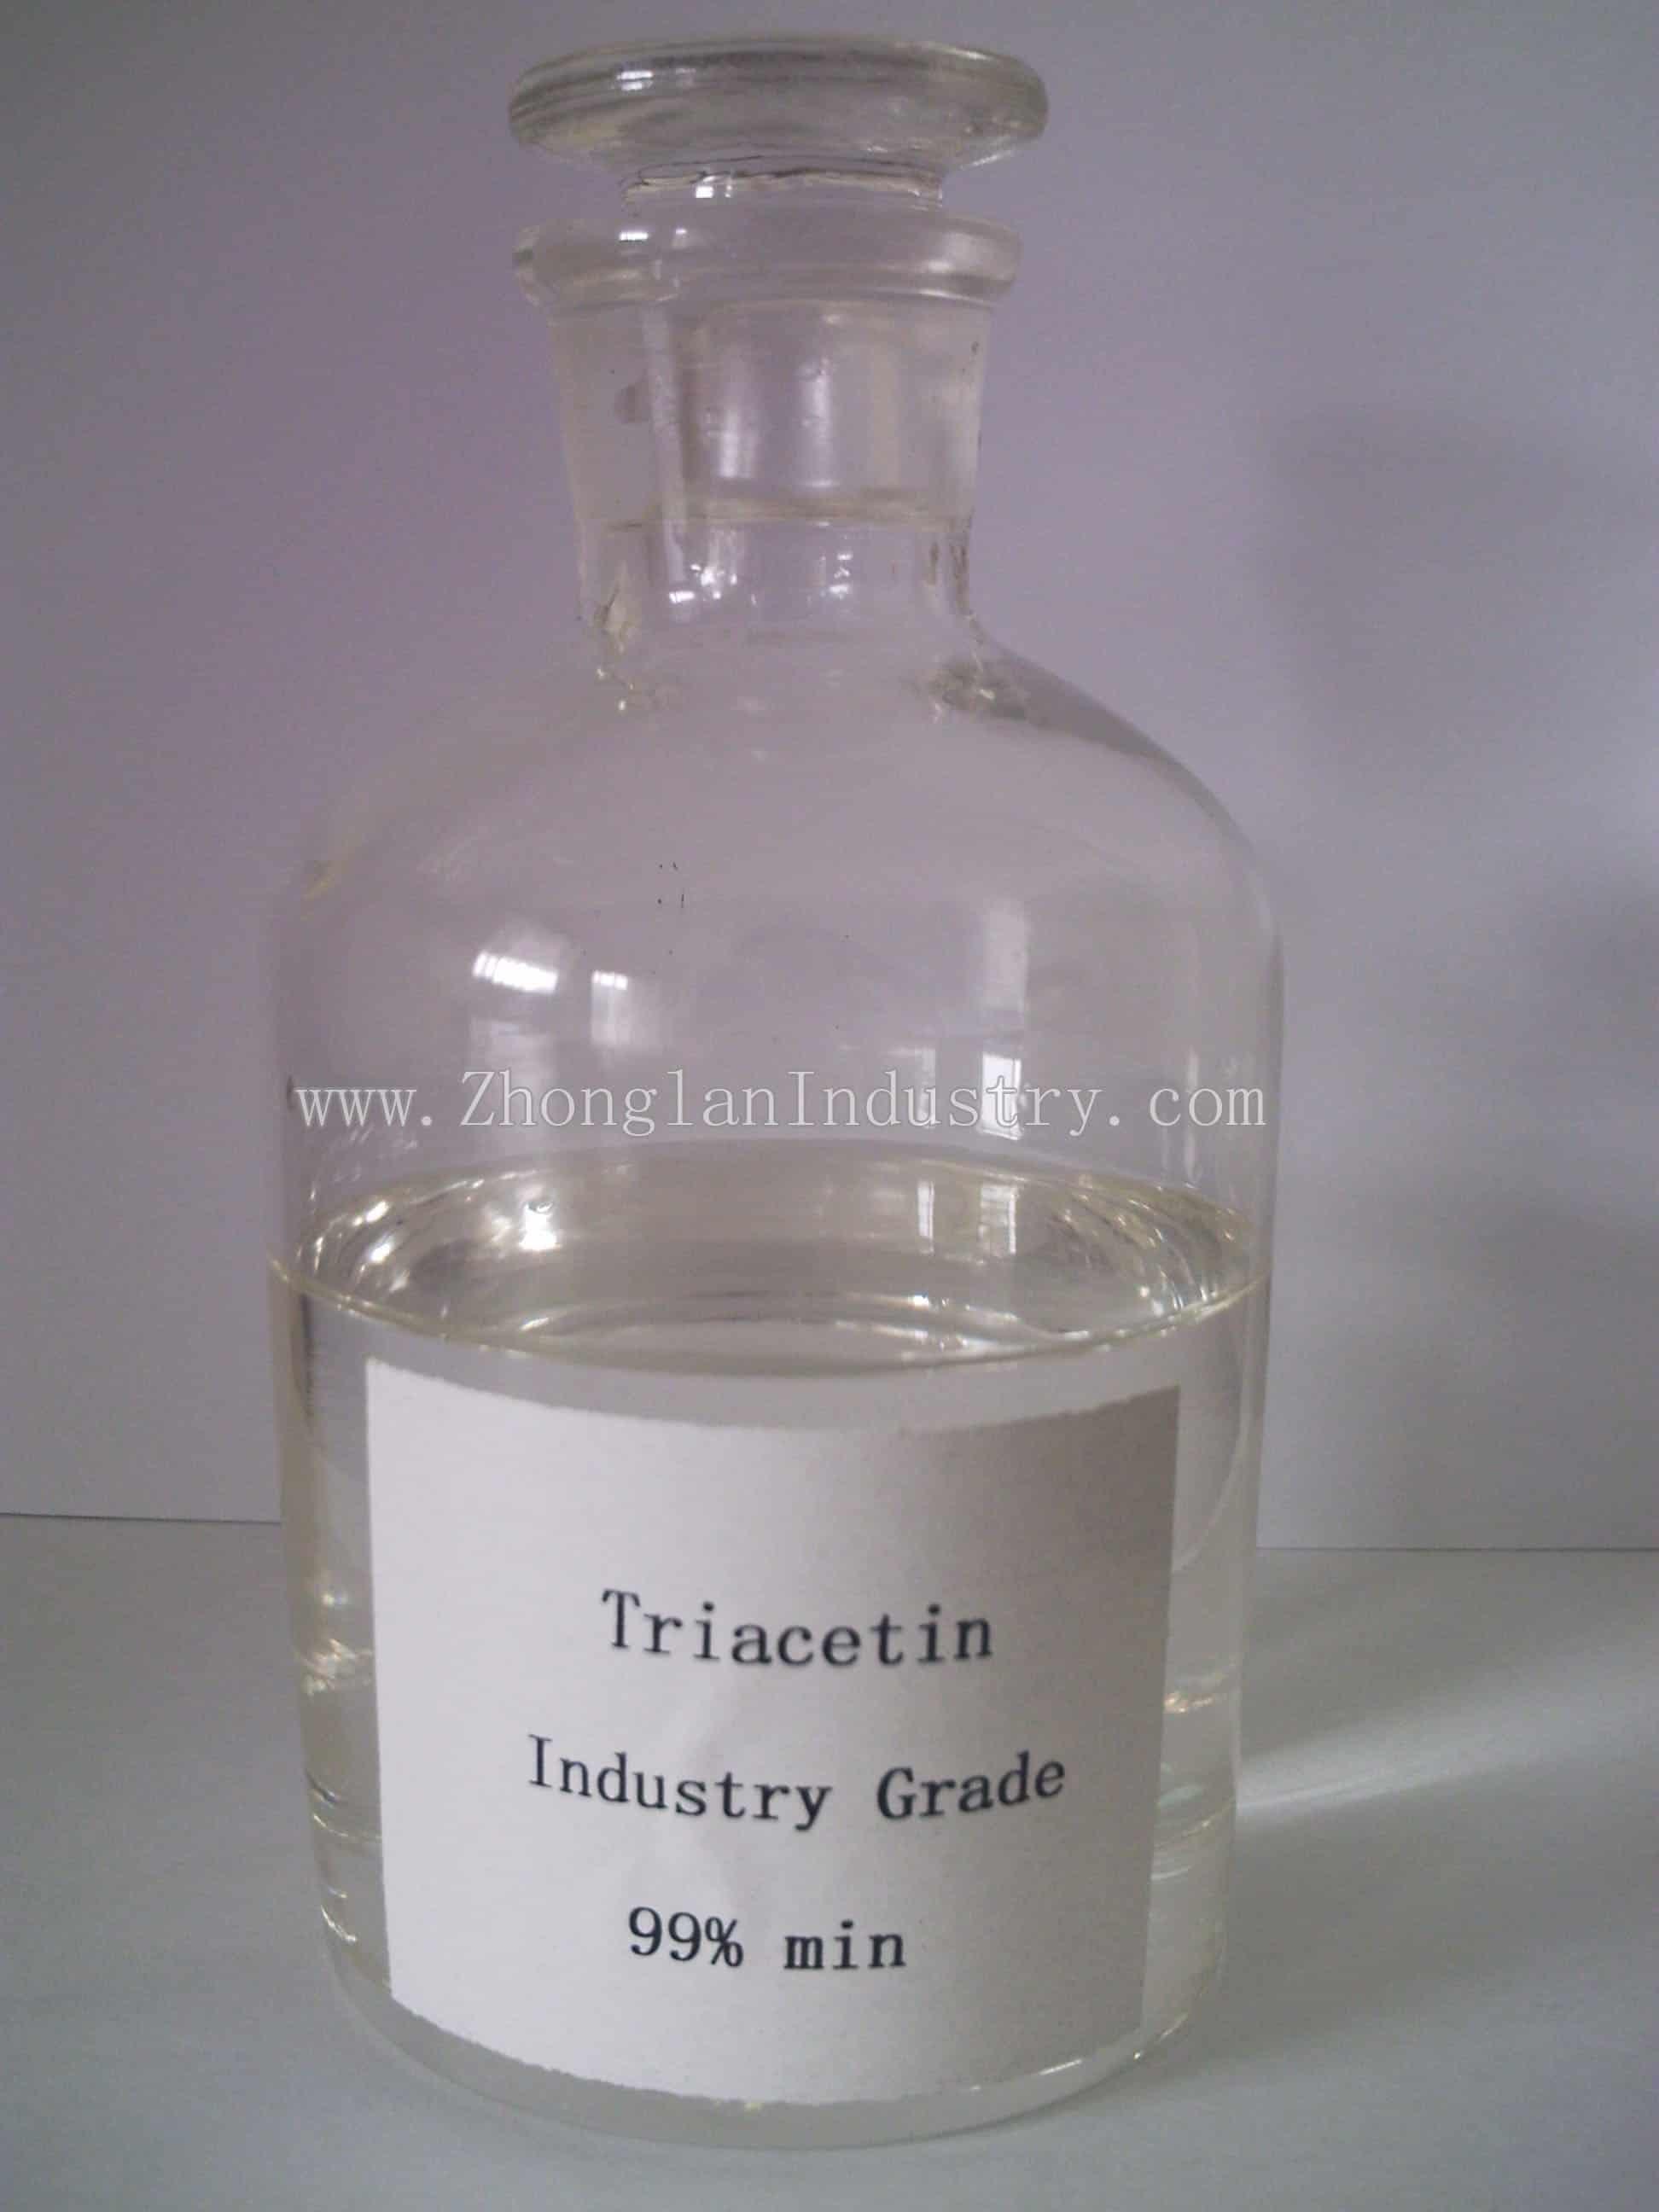 Triacetin liquid 2